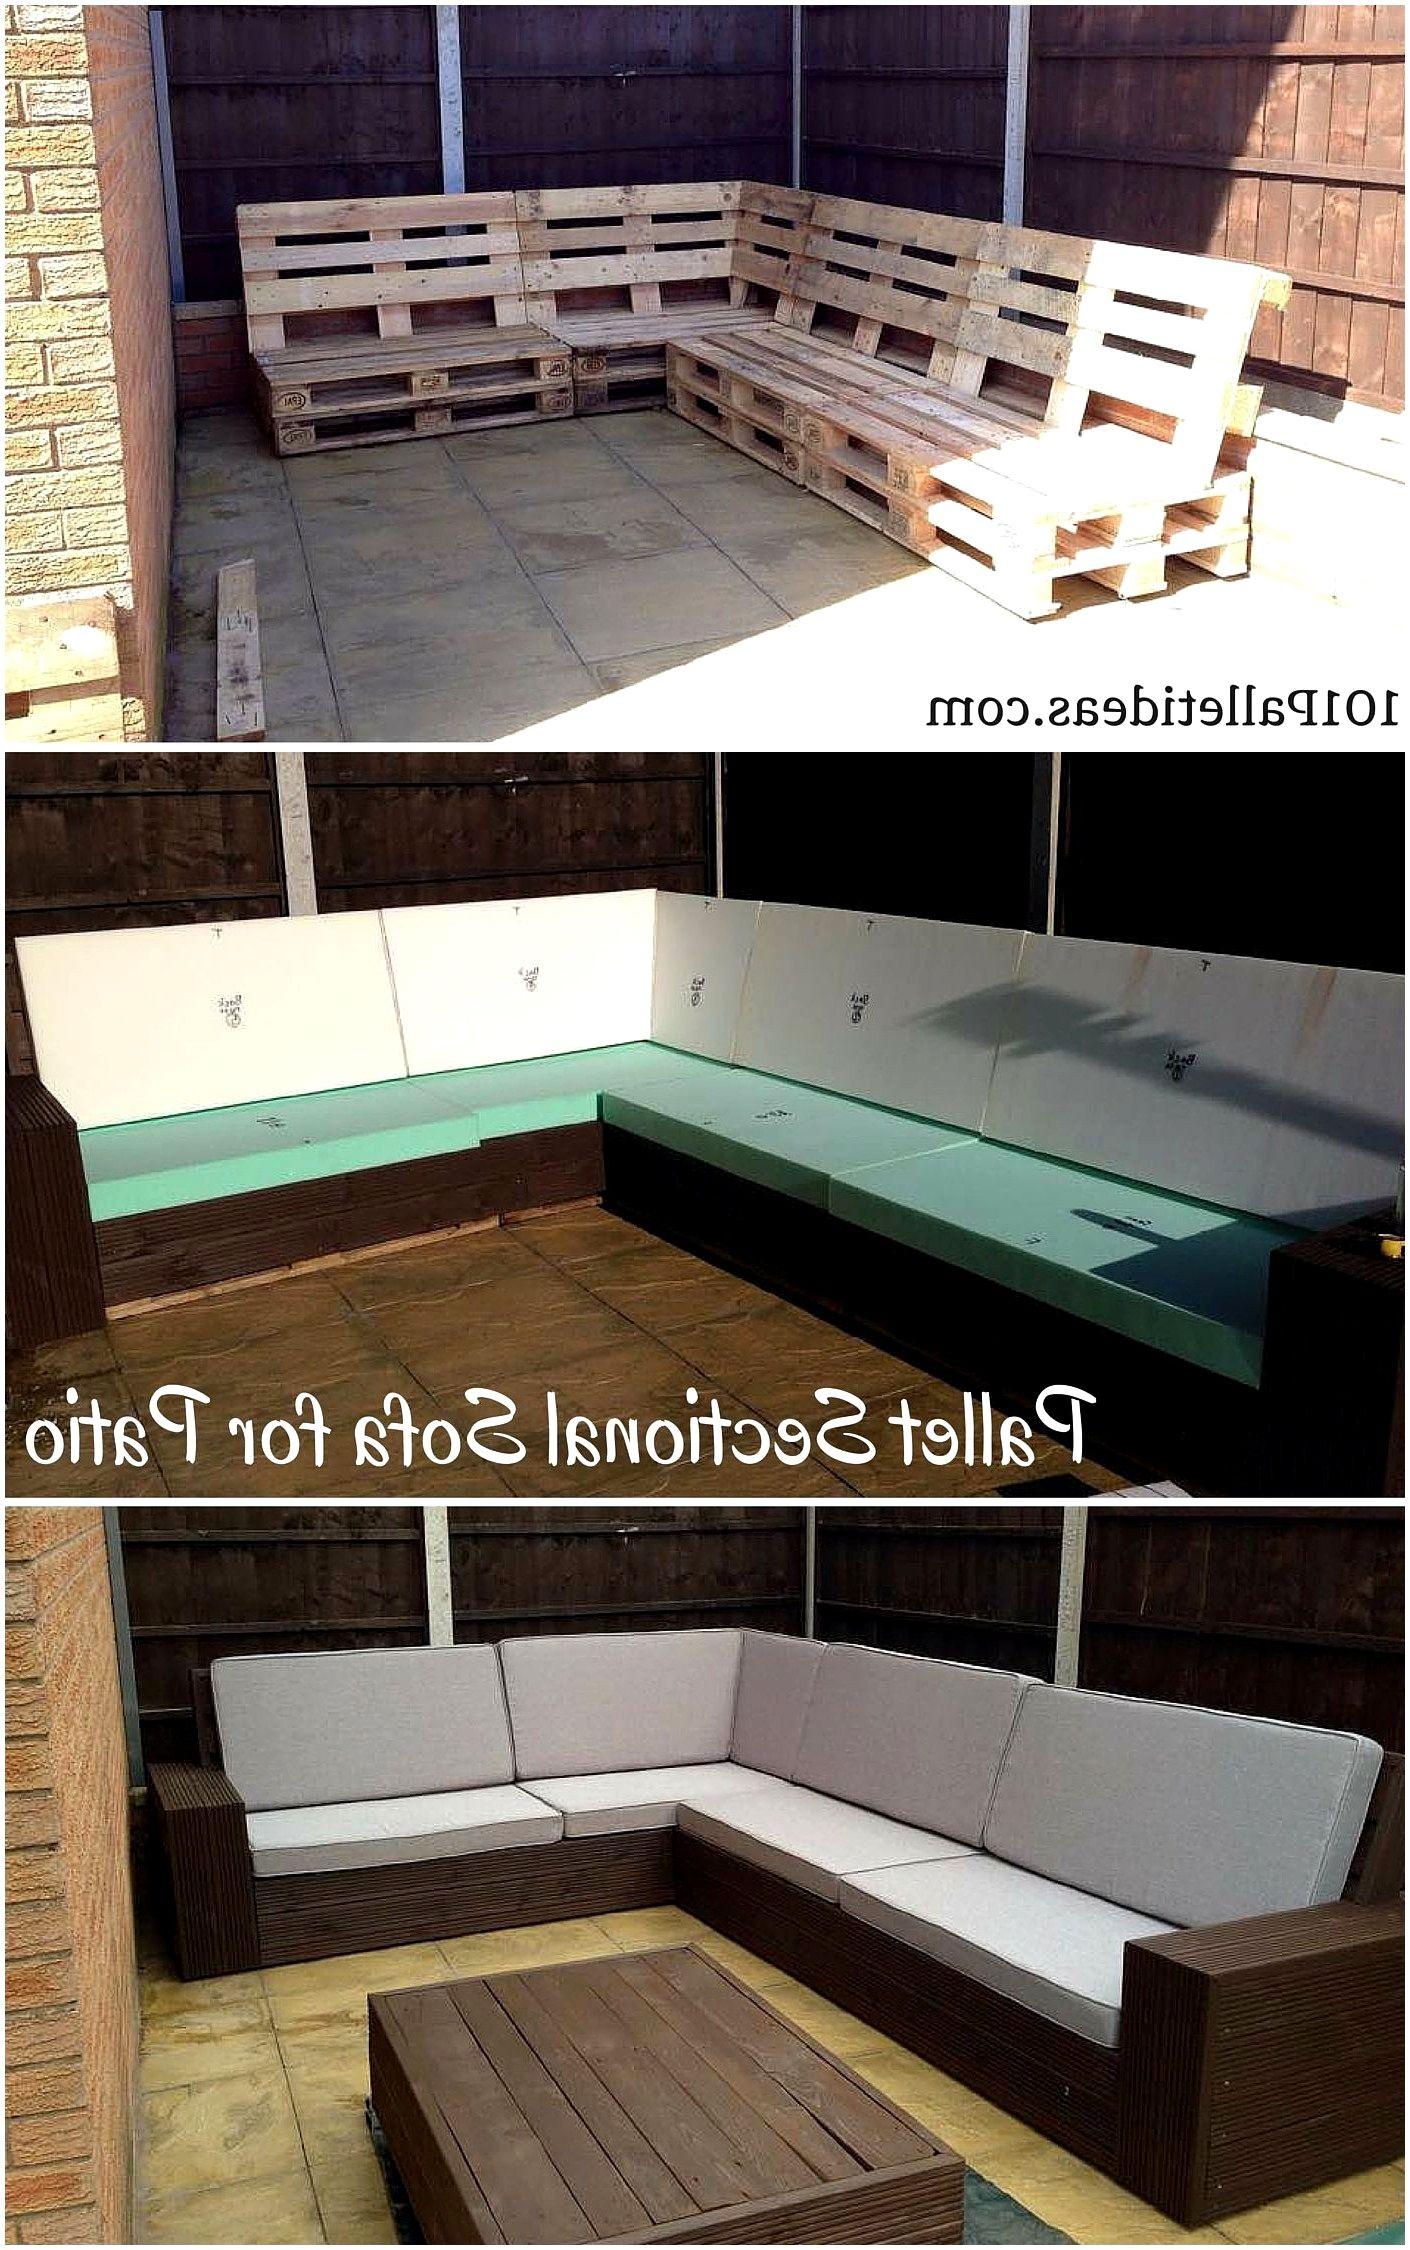 Mobilier De Jardin En Palette Plan Pour Meuble En Palette In 2020 Outdoor Furniture Plans Pallet Furniture Outdoor Pallet Outdoor